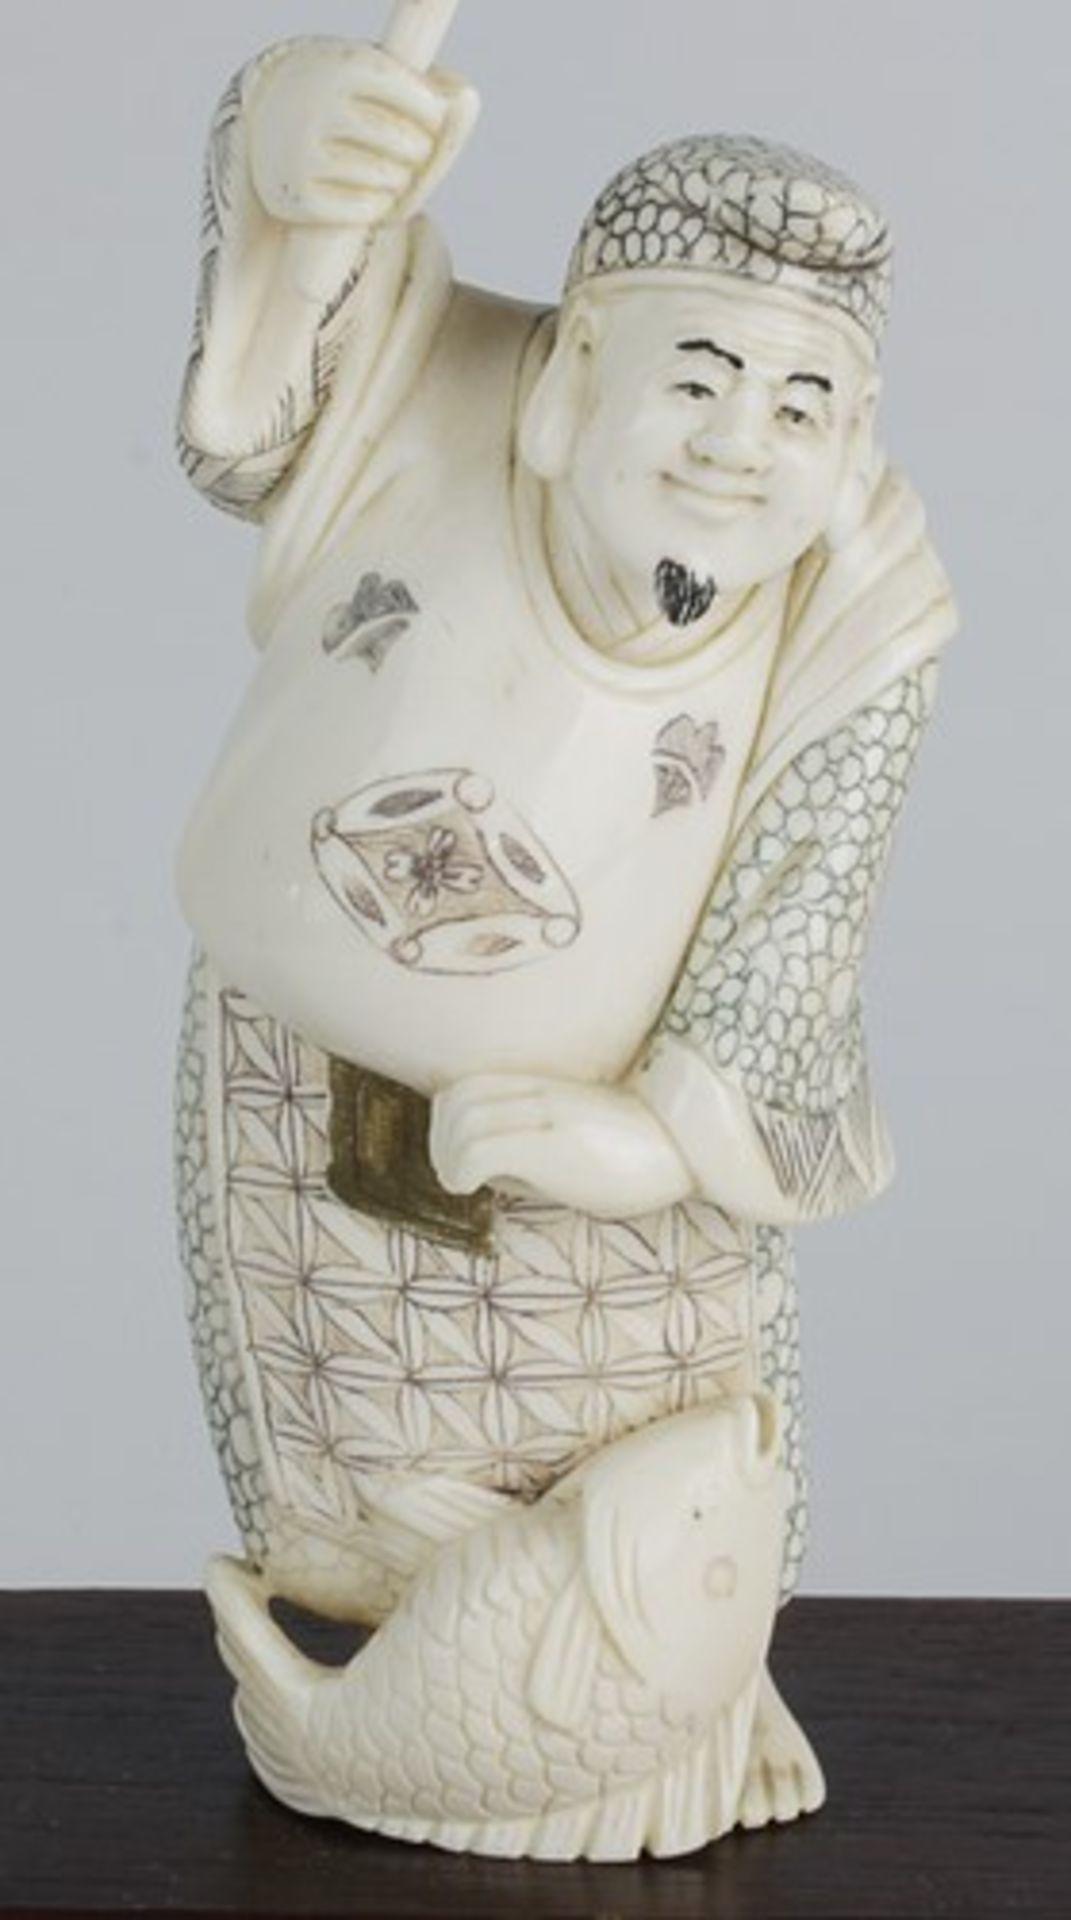 Figurengruppe - Chinaum 1920, 7x vollplastische Elfenbein-Schnitzereien, partiell geschwärzt, - Bild 11 aus 24